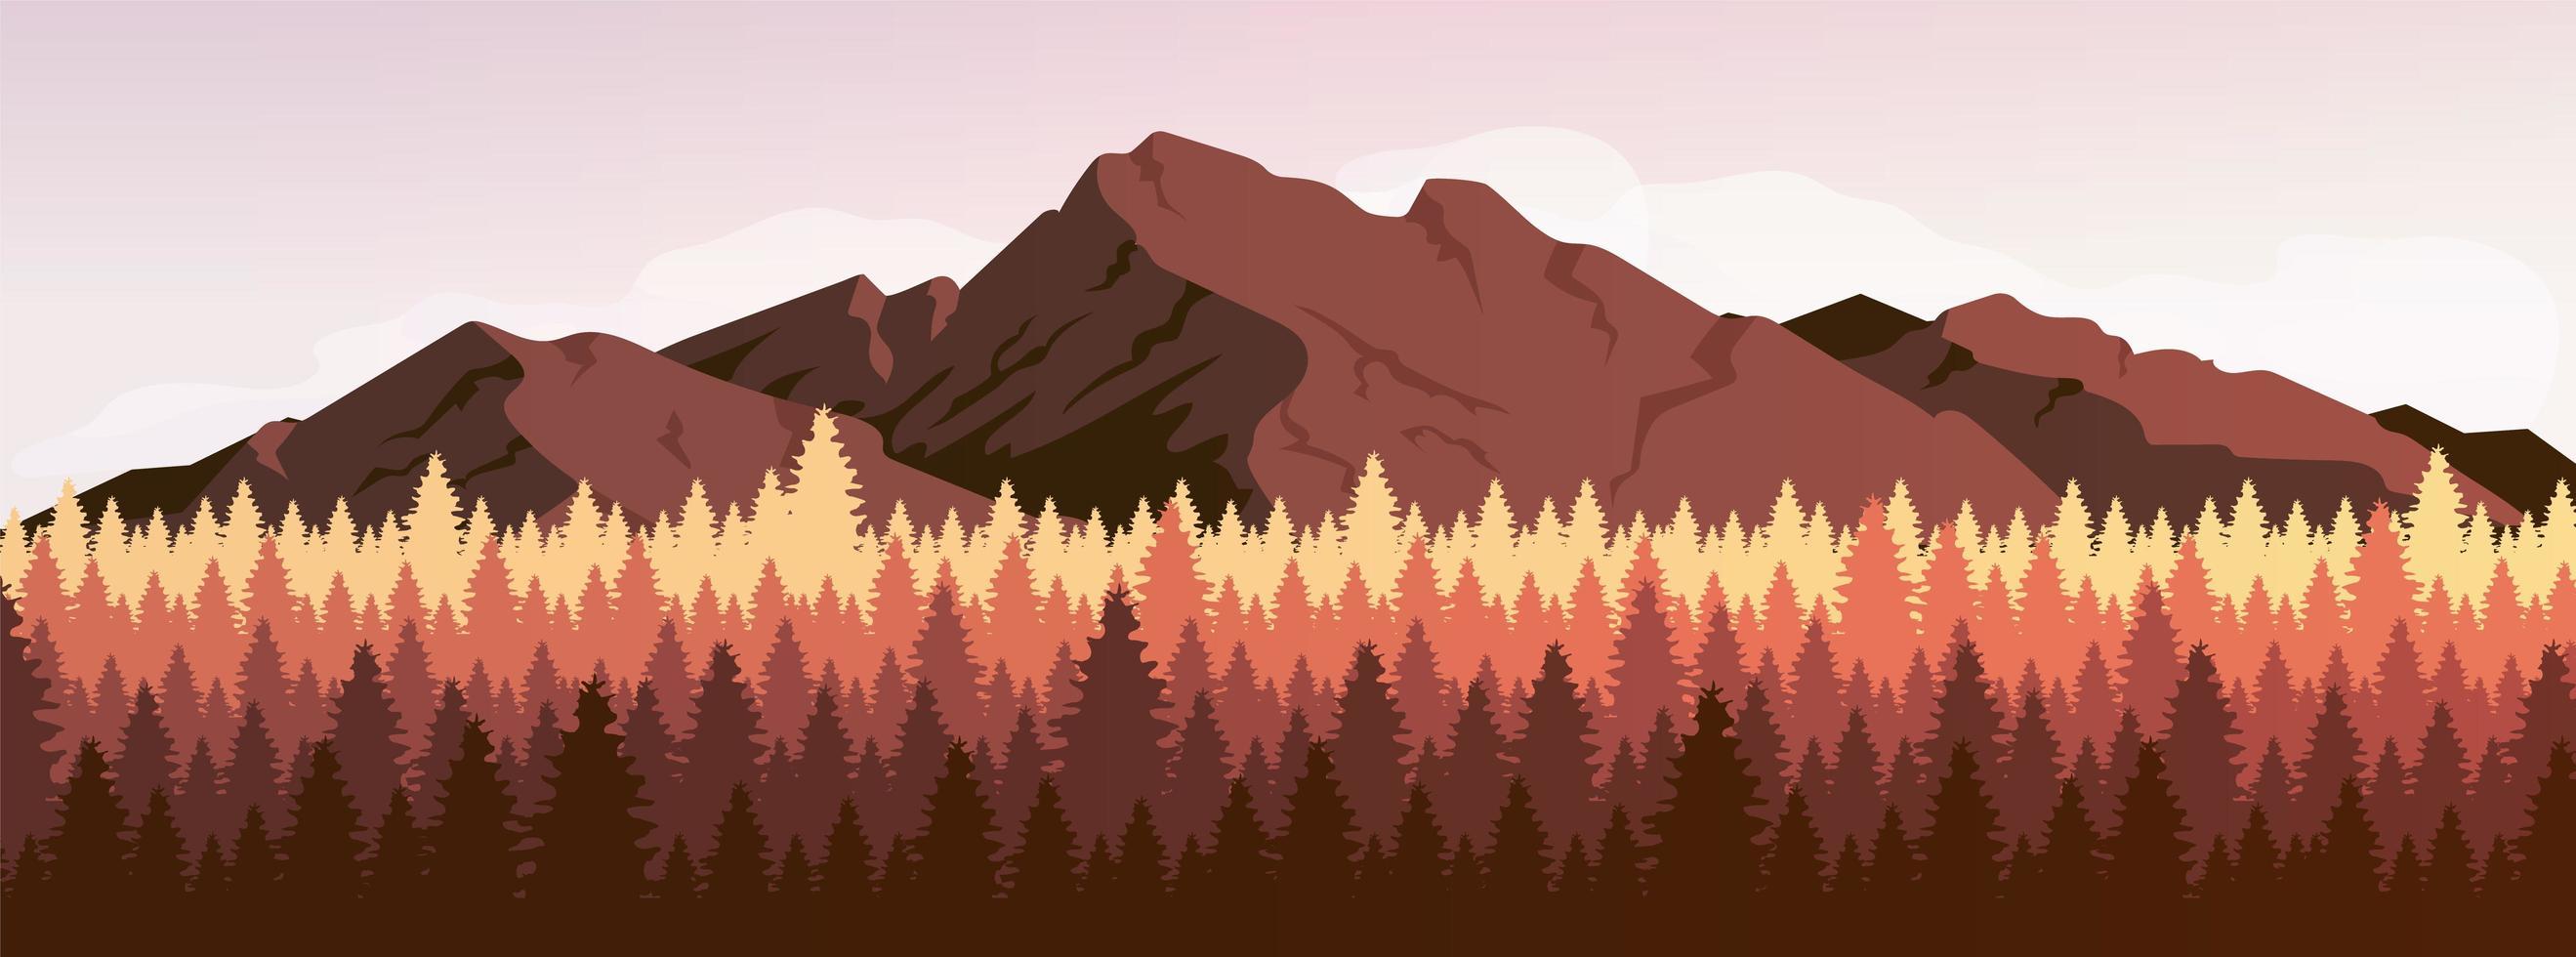 berg och barrskog vektor